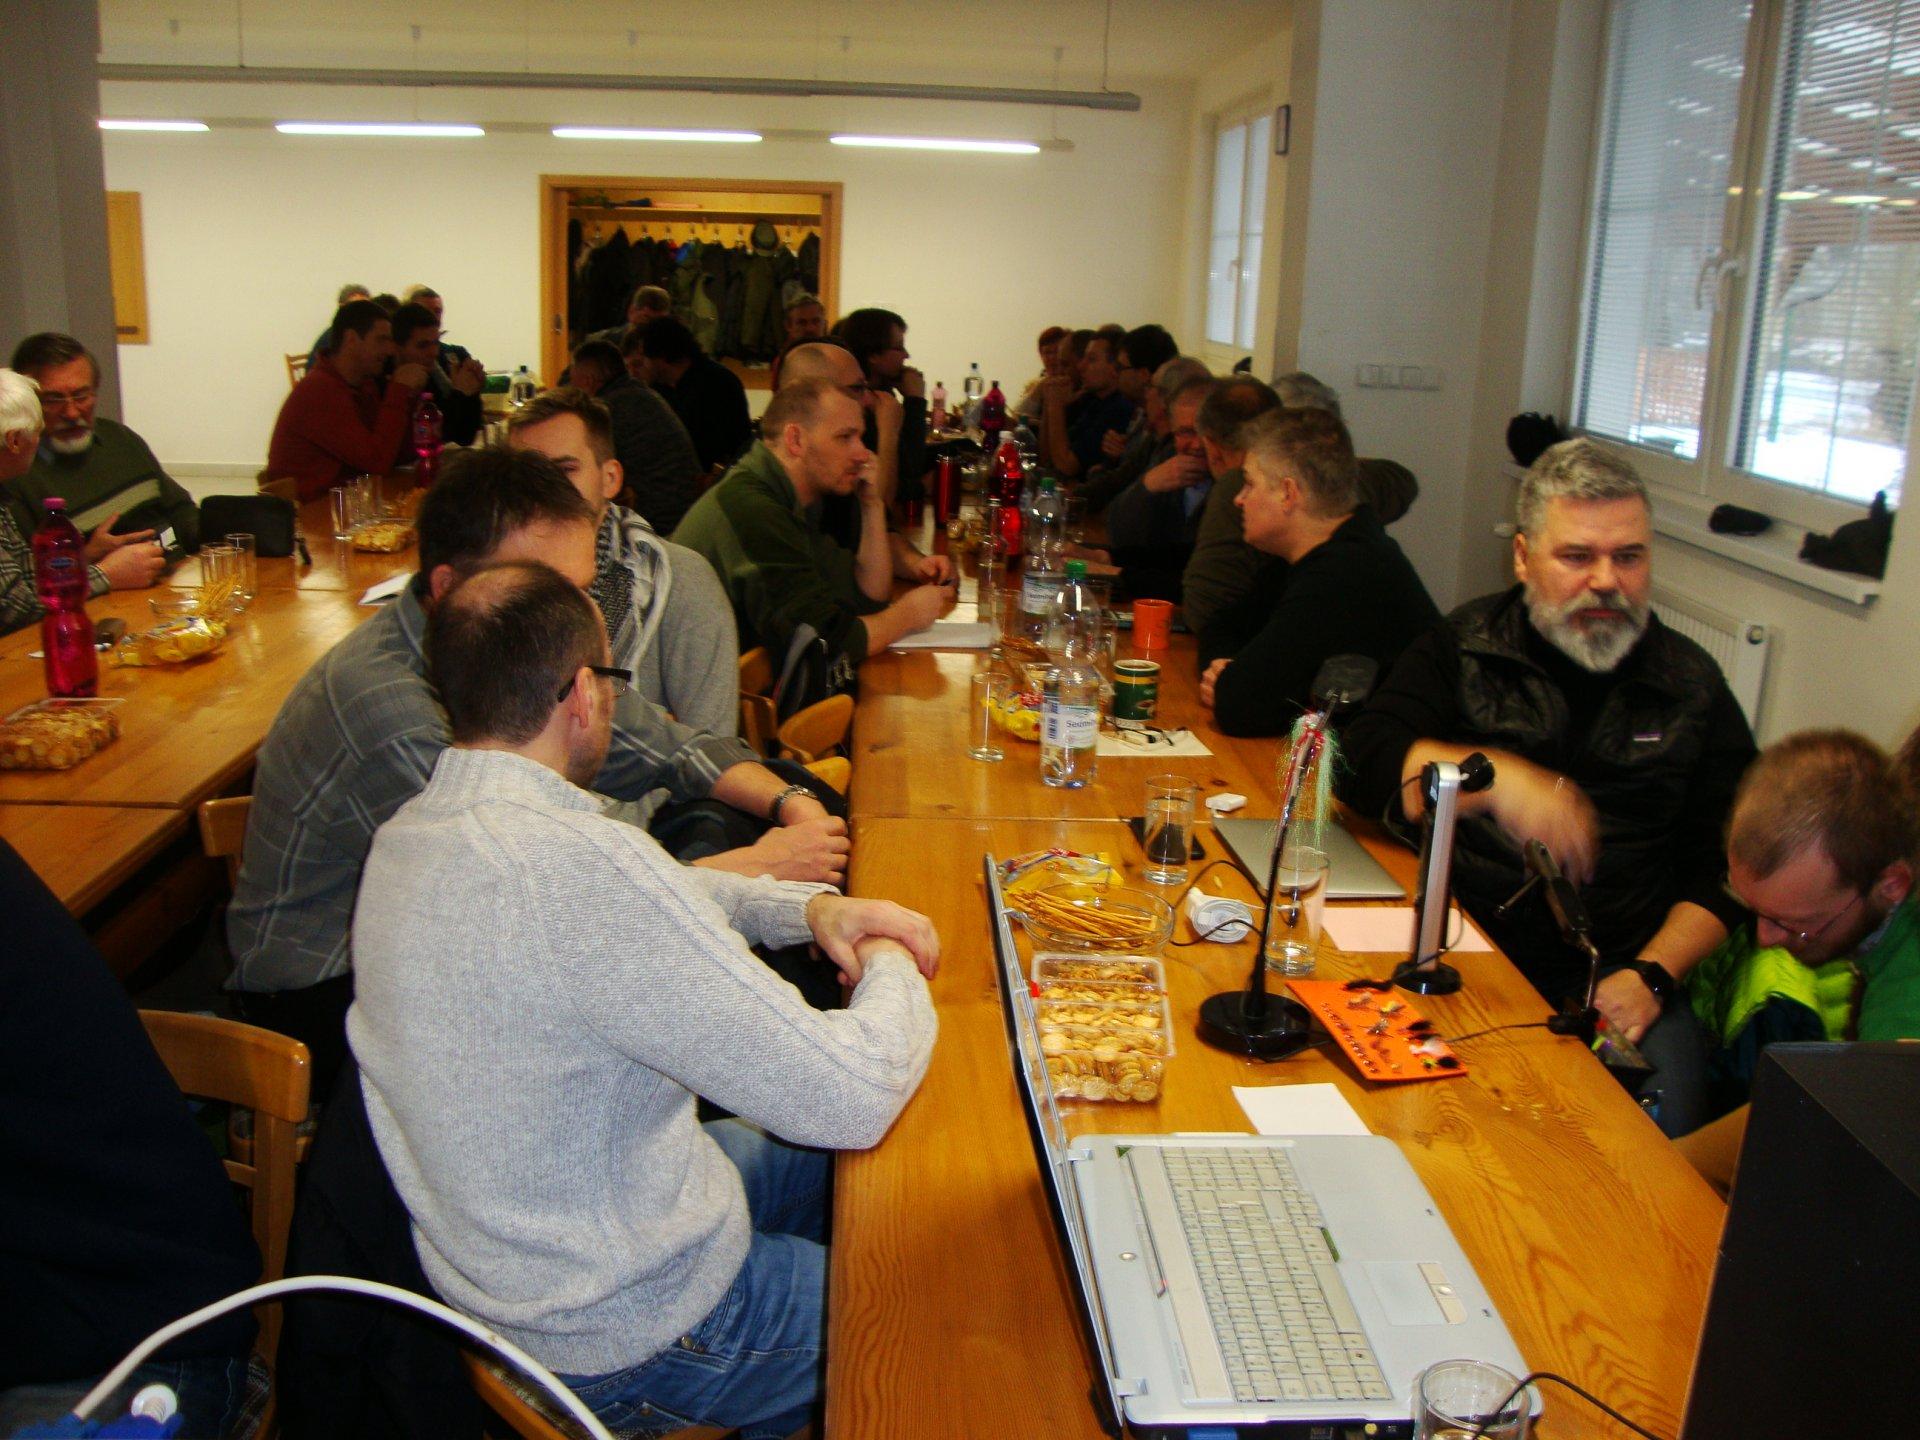 Pozvánka na VIII. ročník Pstruhovo - Muškařský seminář do Uherského Hradiště